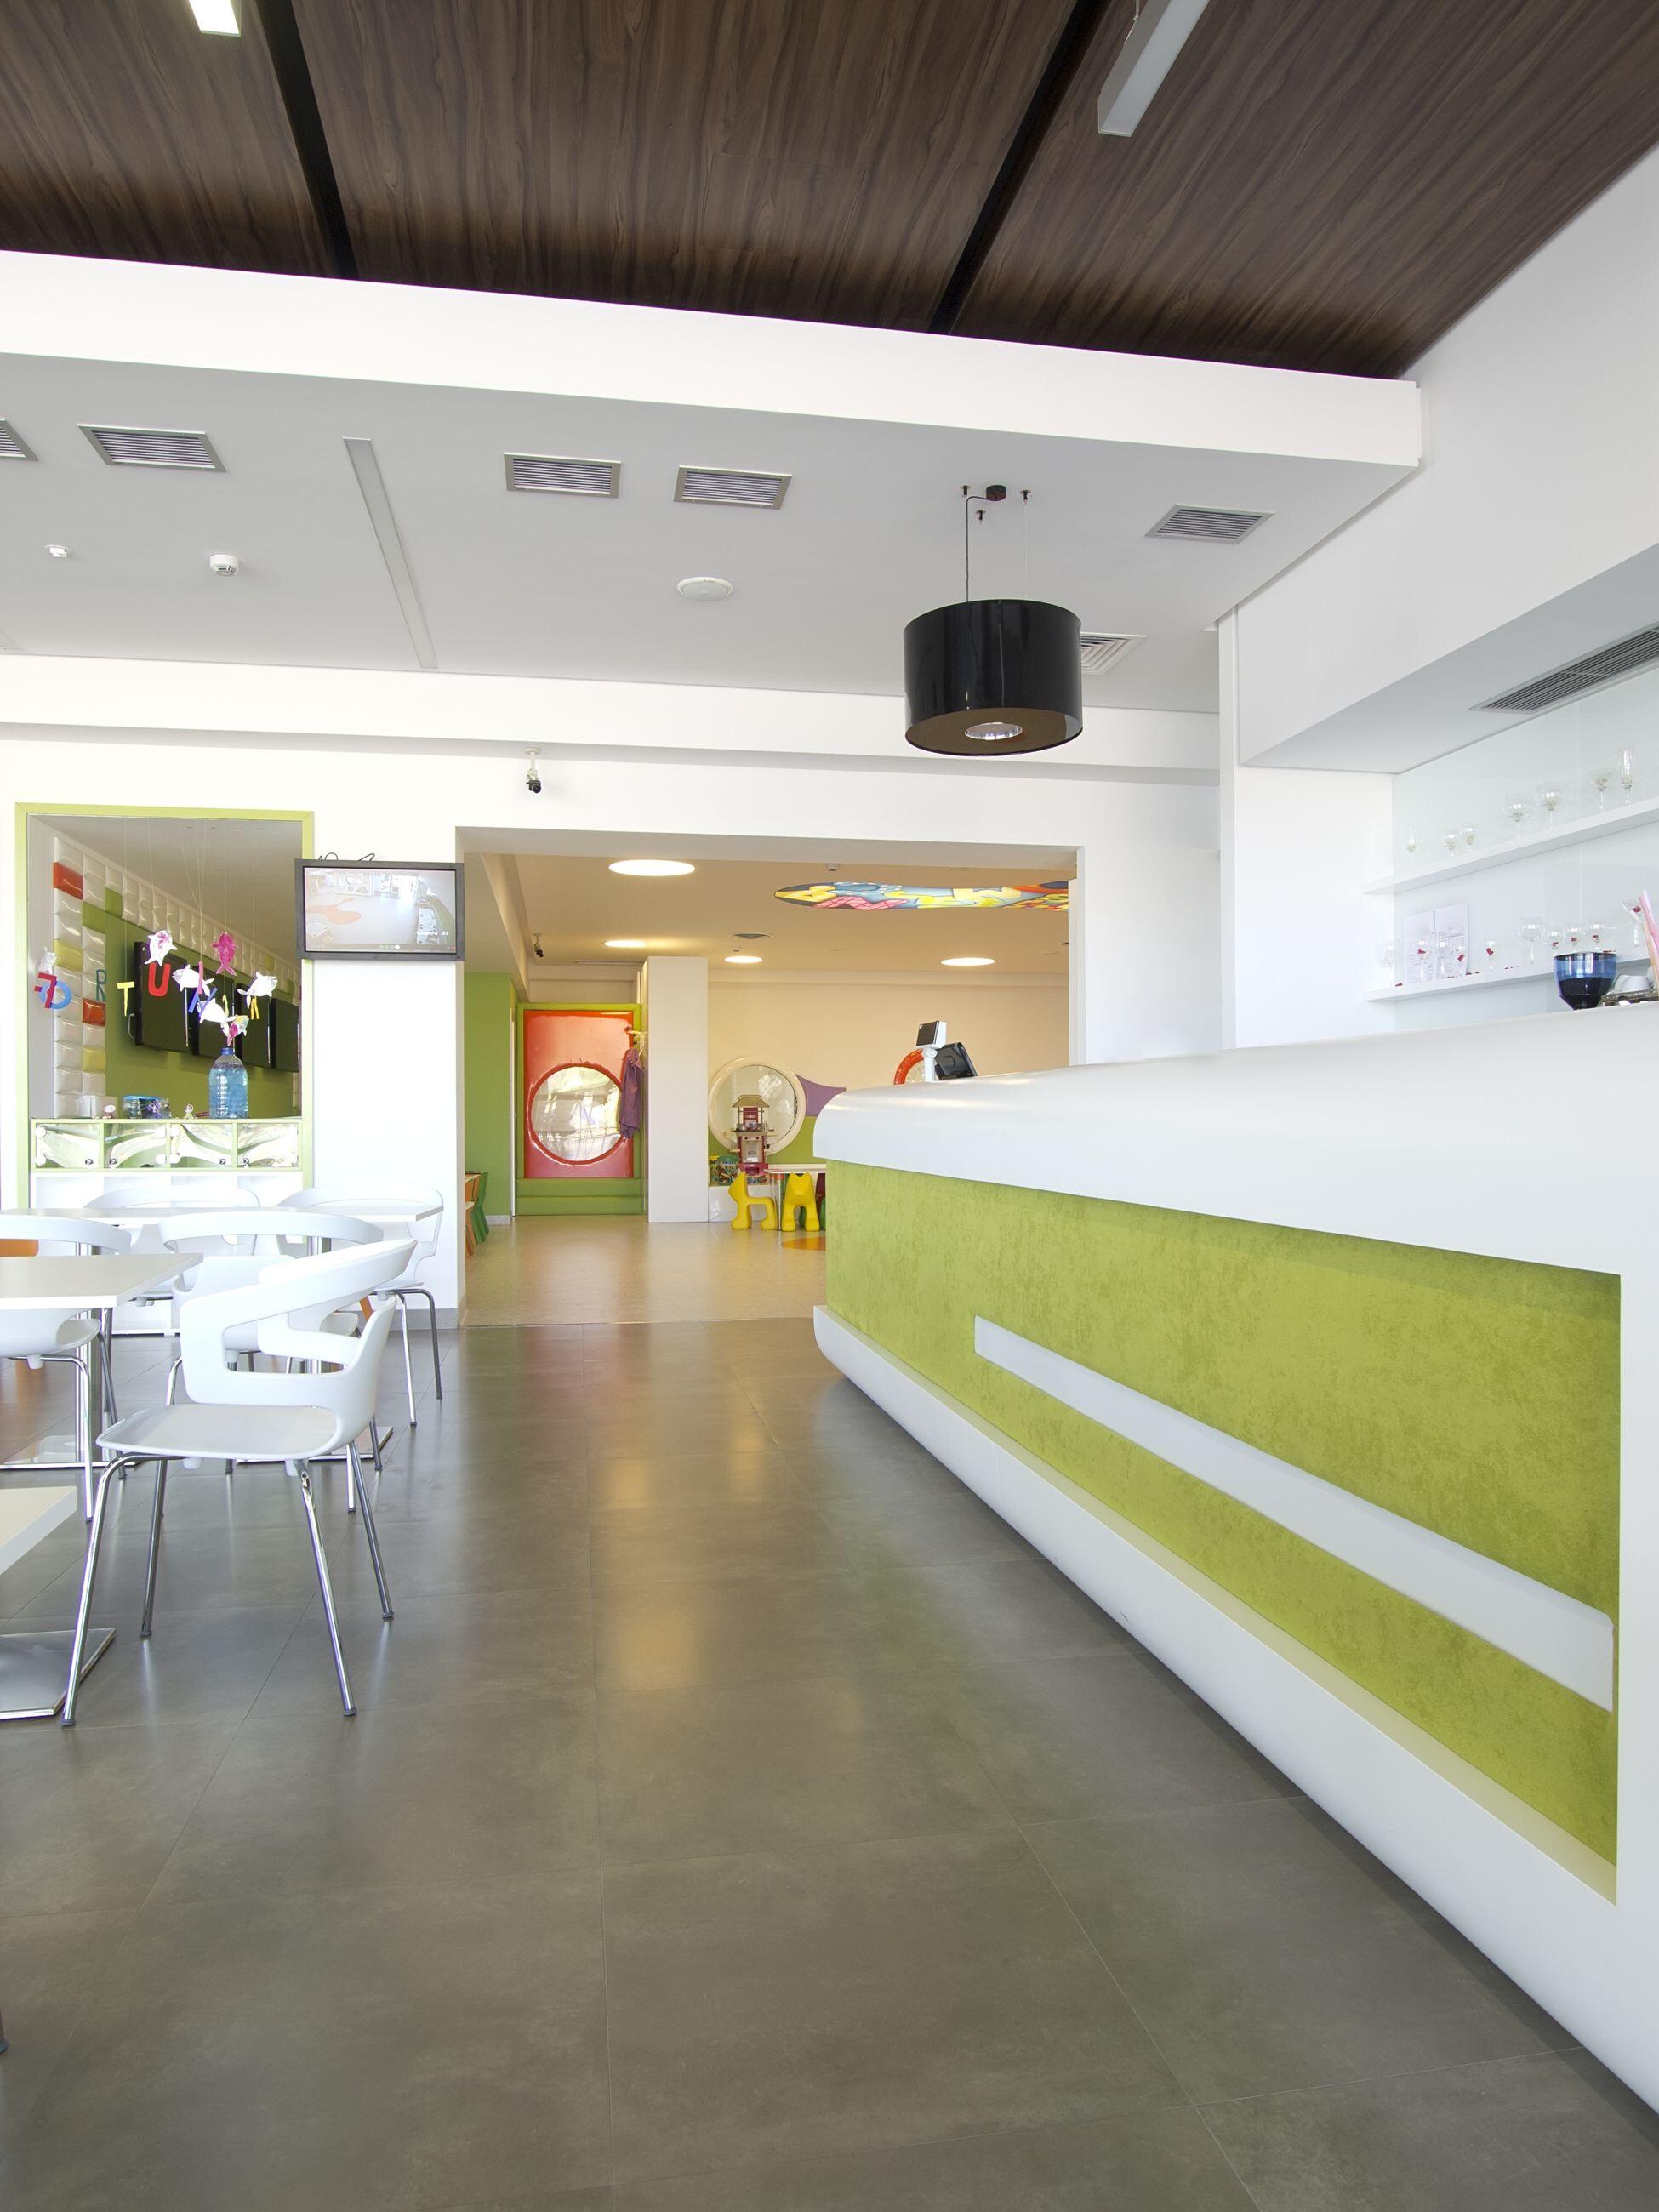 Indoor applications